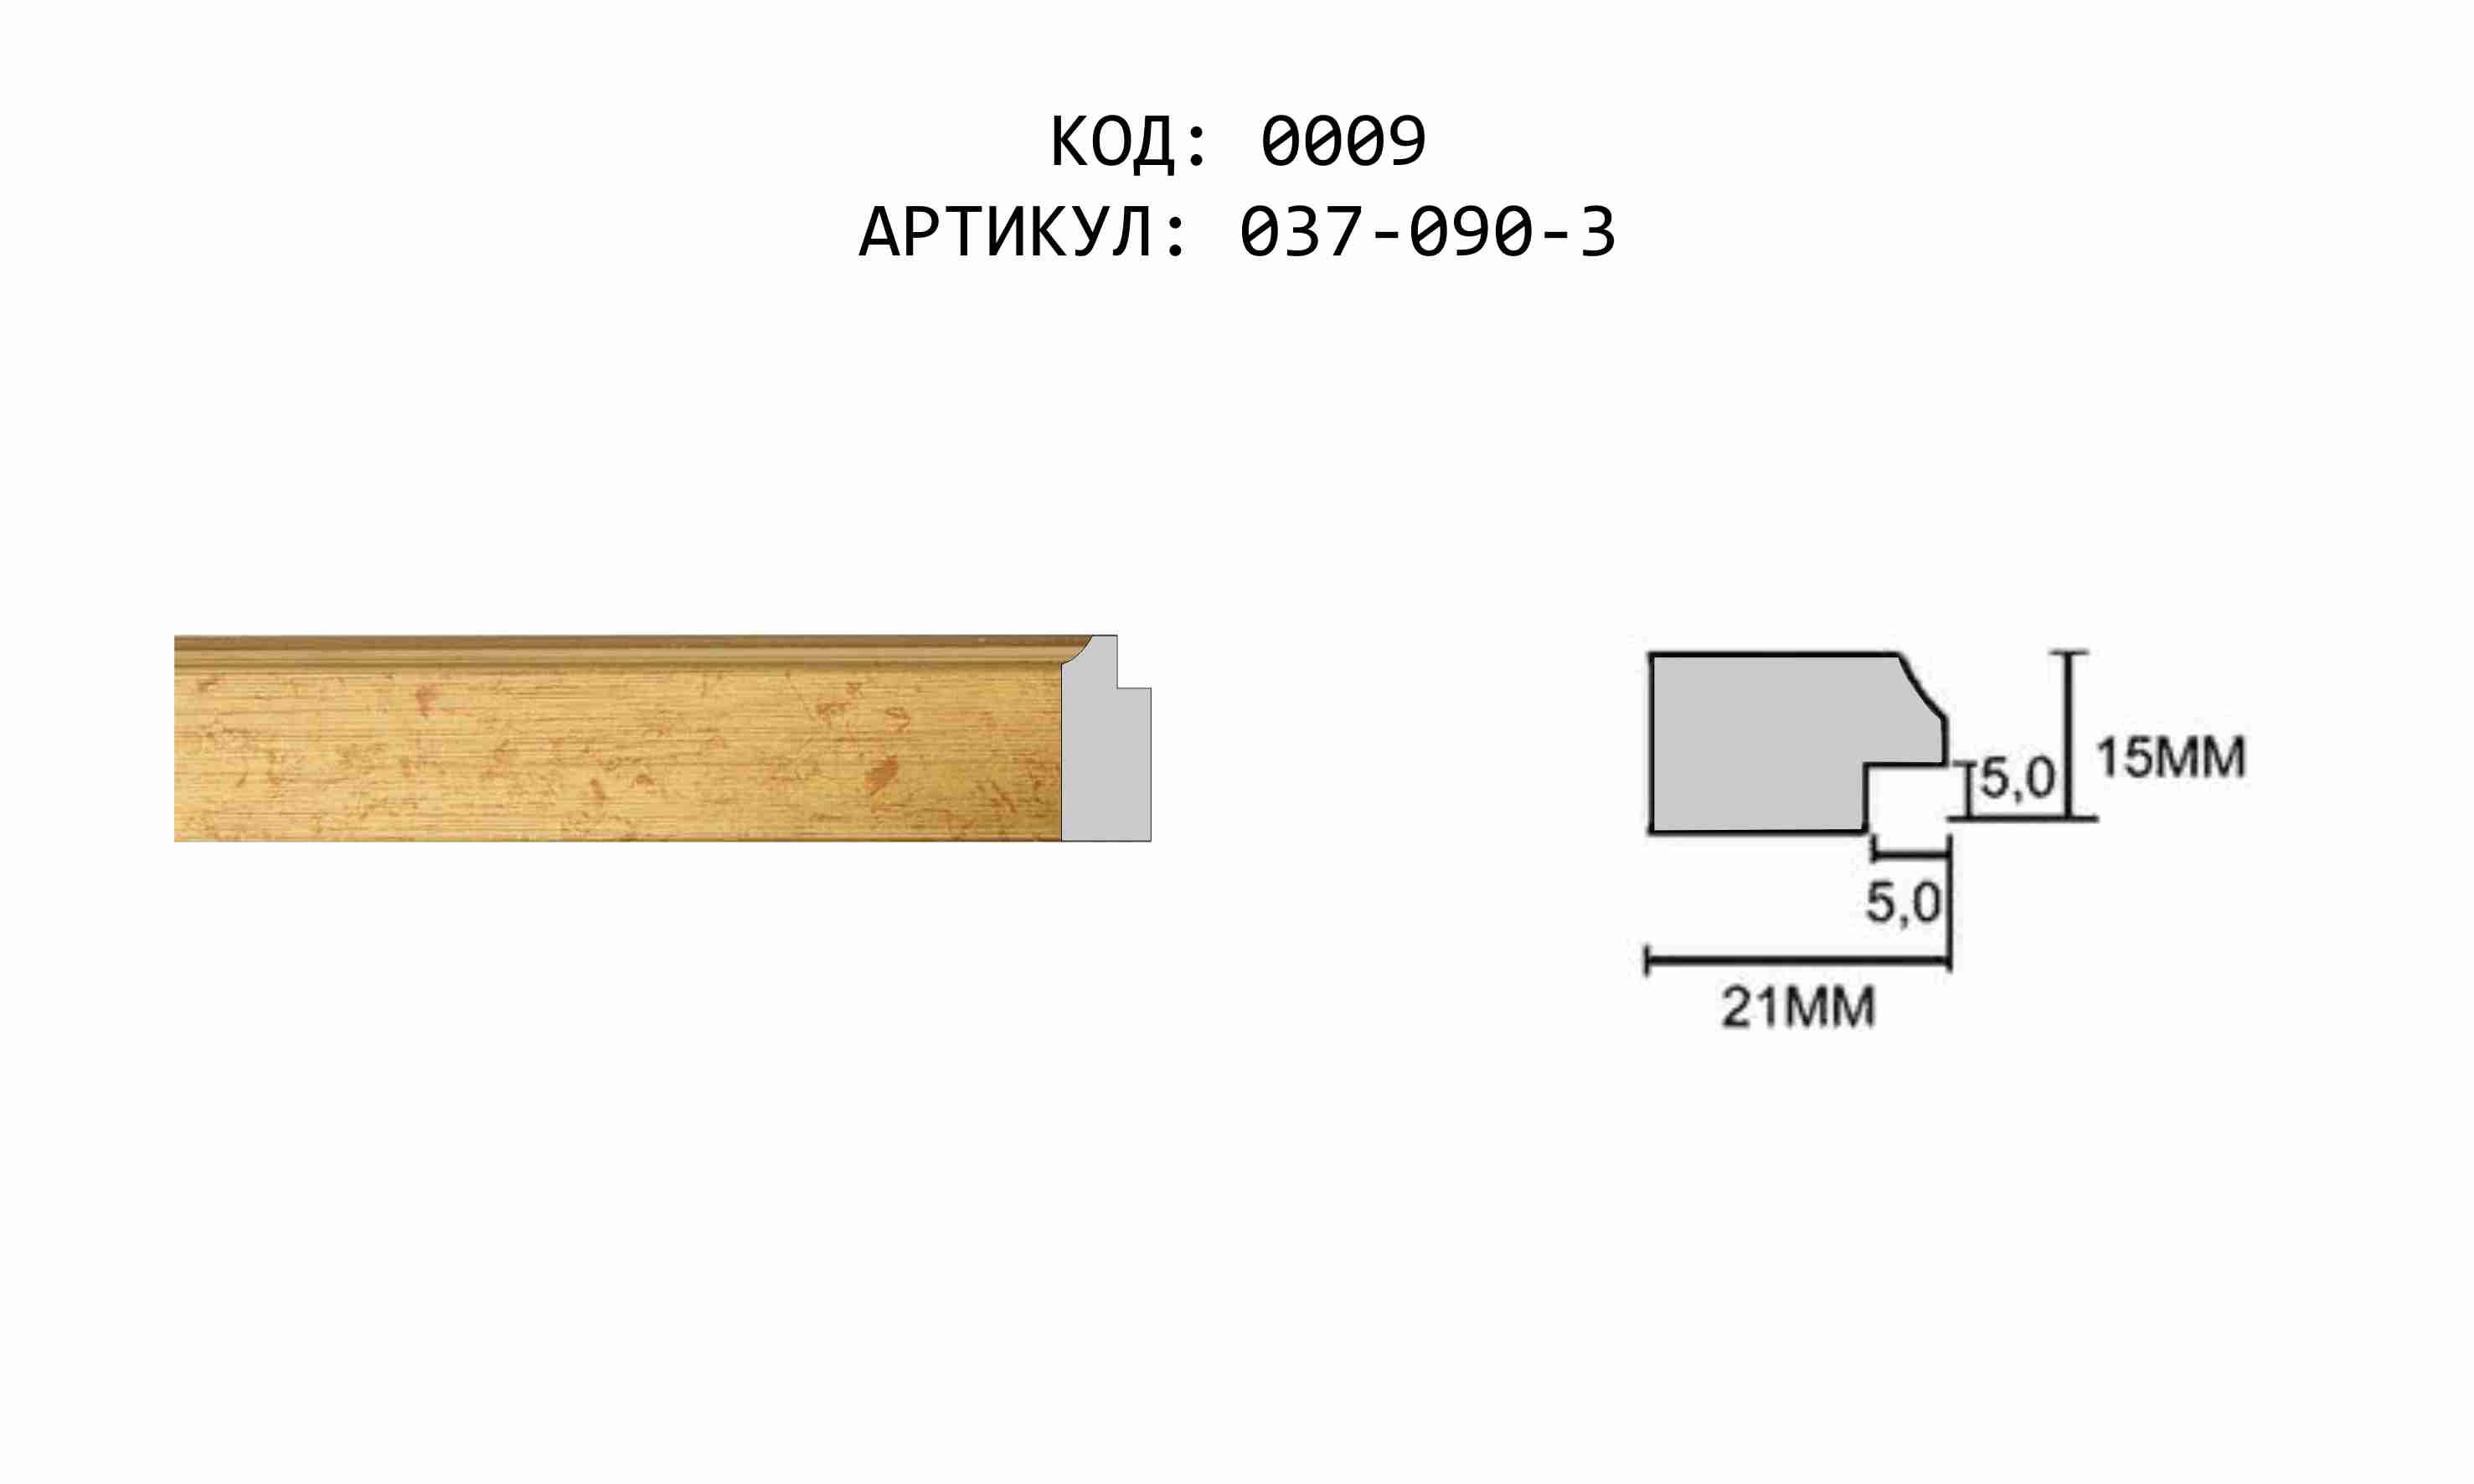 Артикул: 037-090-3